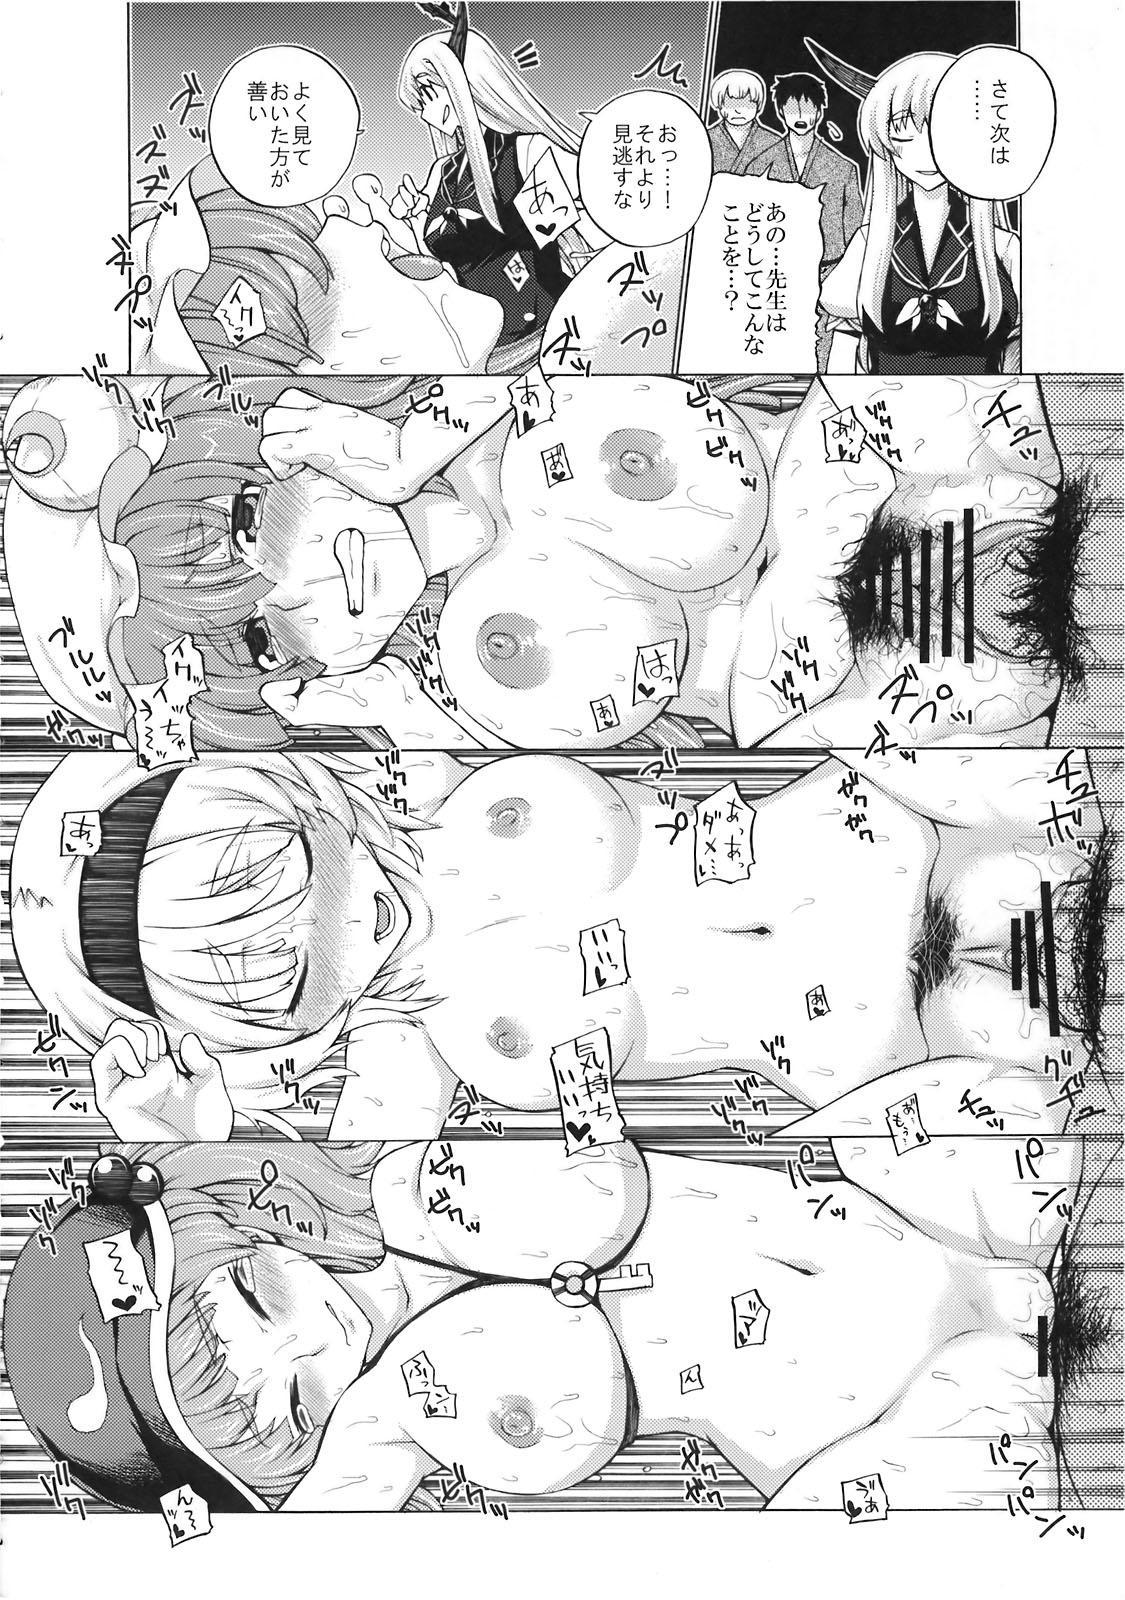 Kamishirasawa Keine no Choukyou Tetsugaku 13